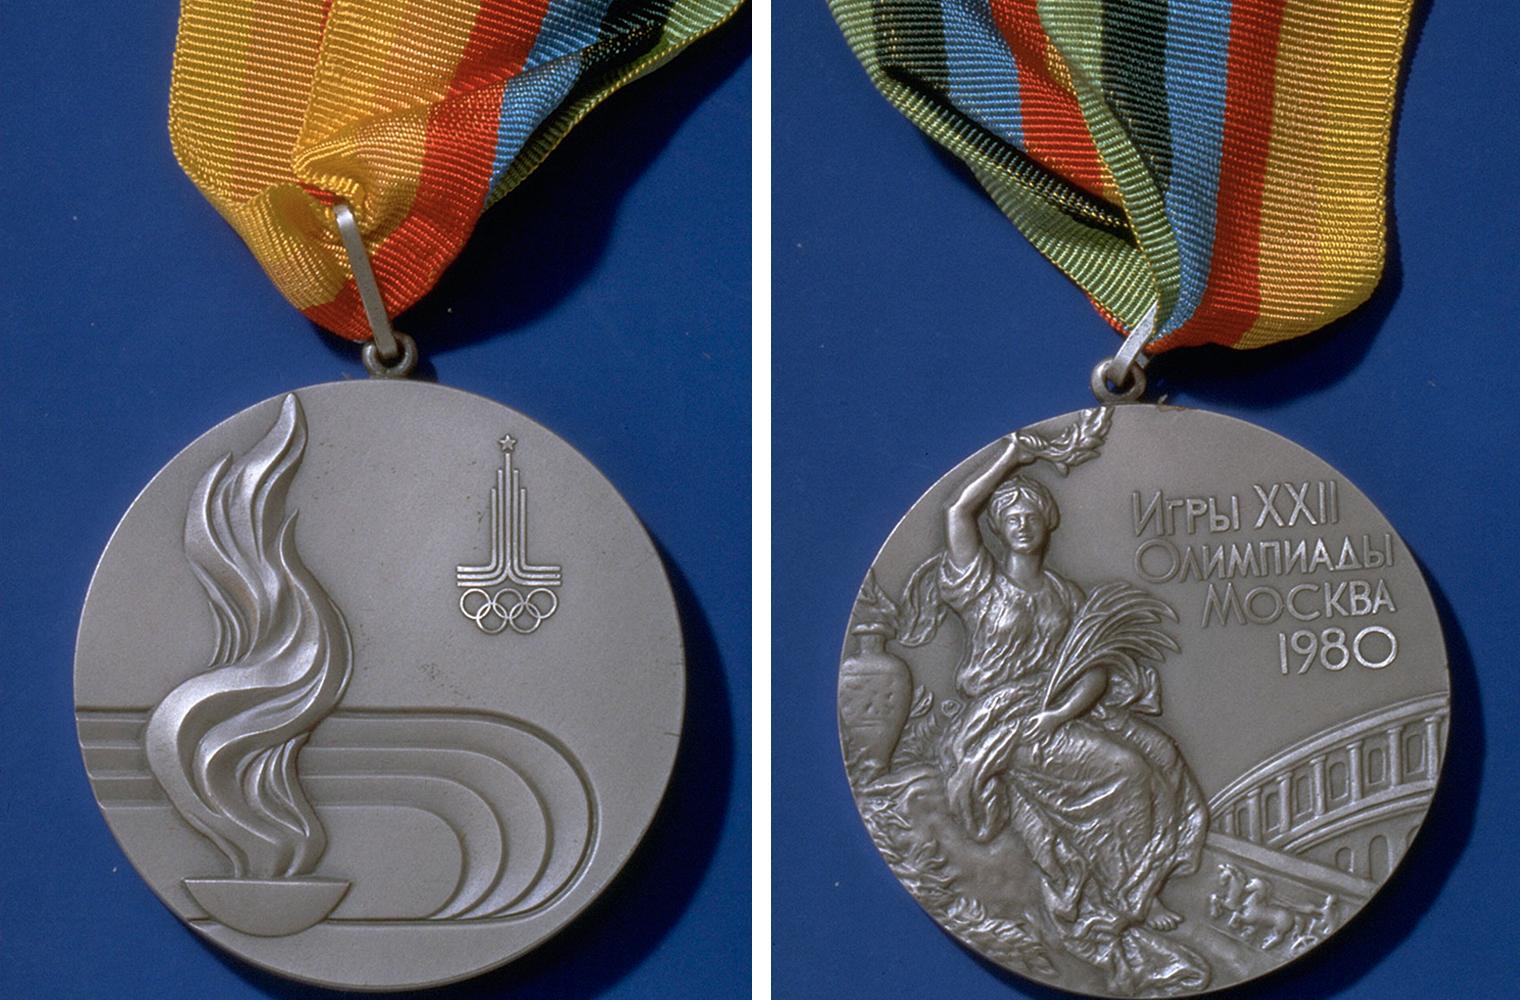 Олимпийская медаль Москва-1980